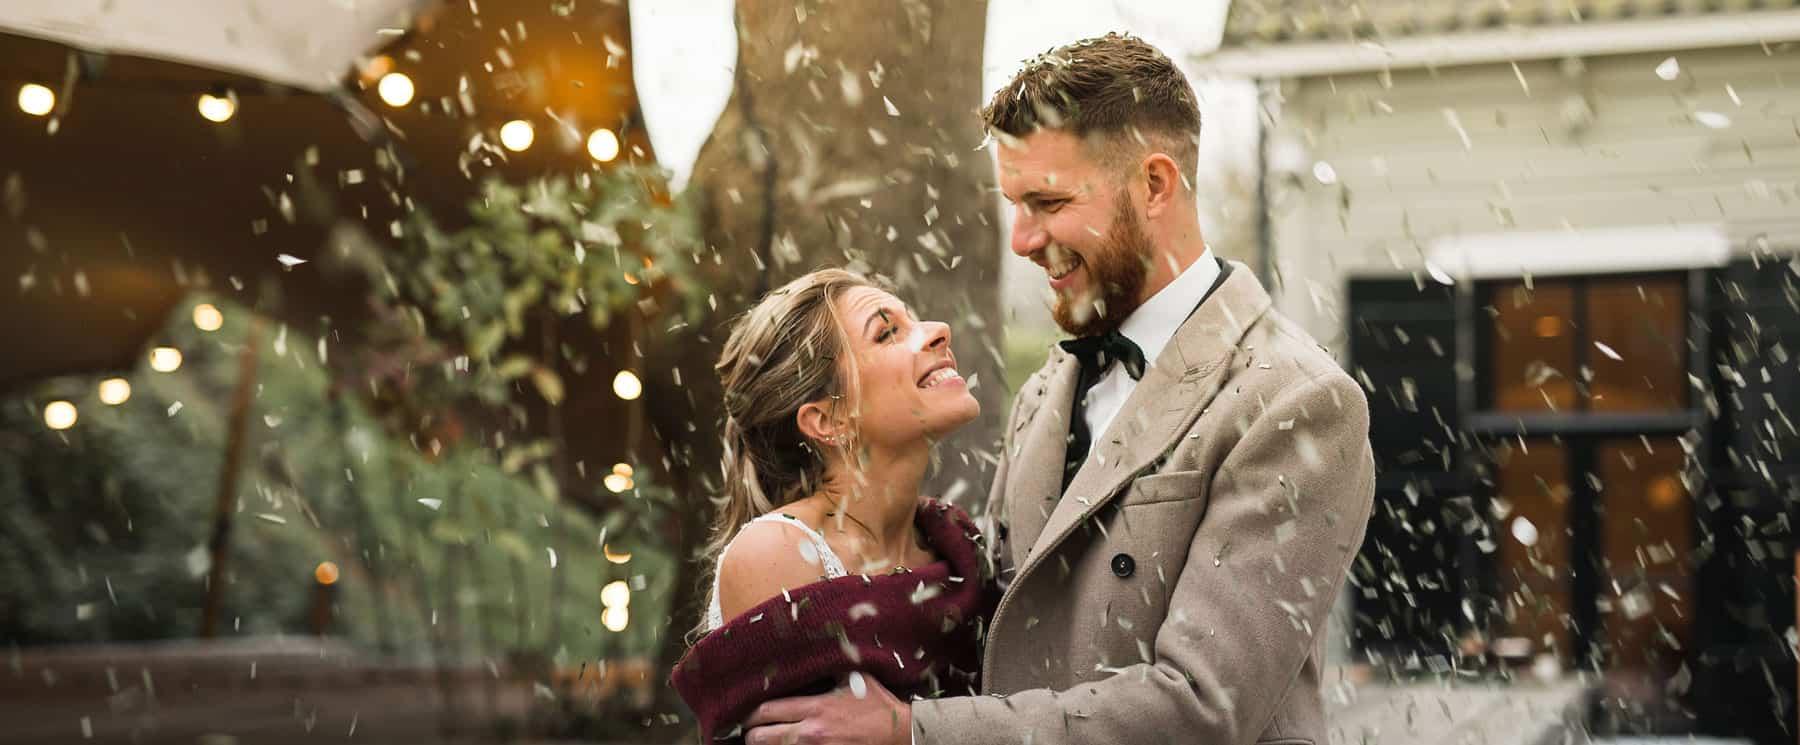 Inspiratie: Winter bruiloft met warme klanken